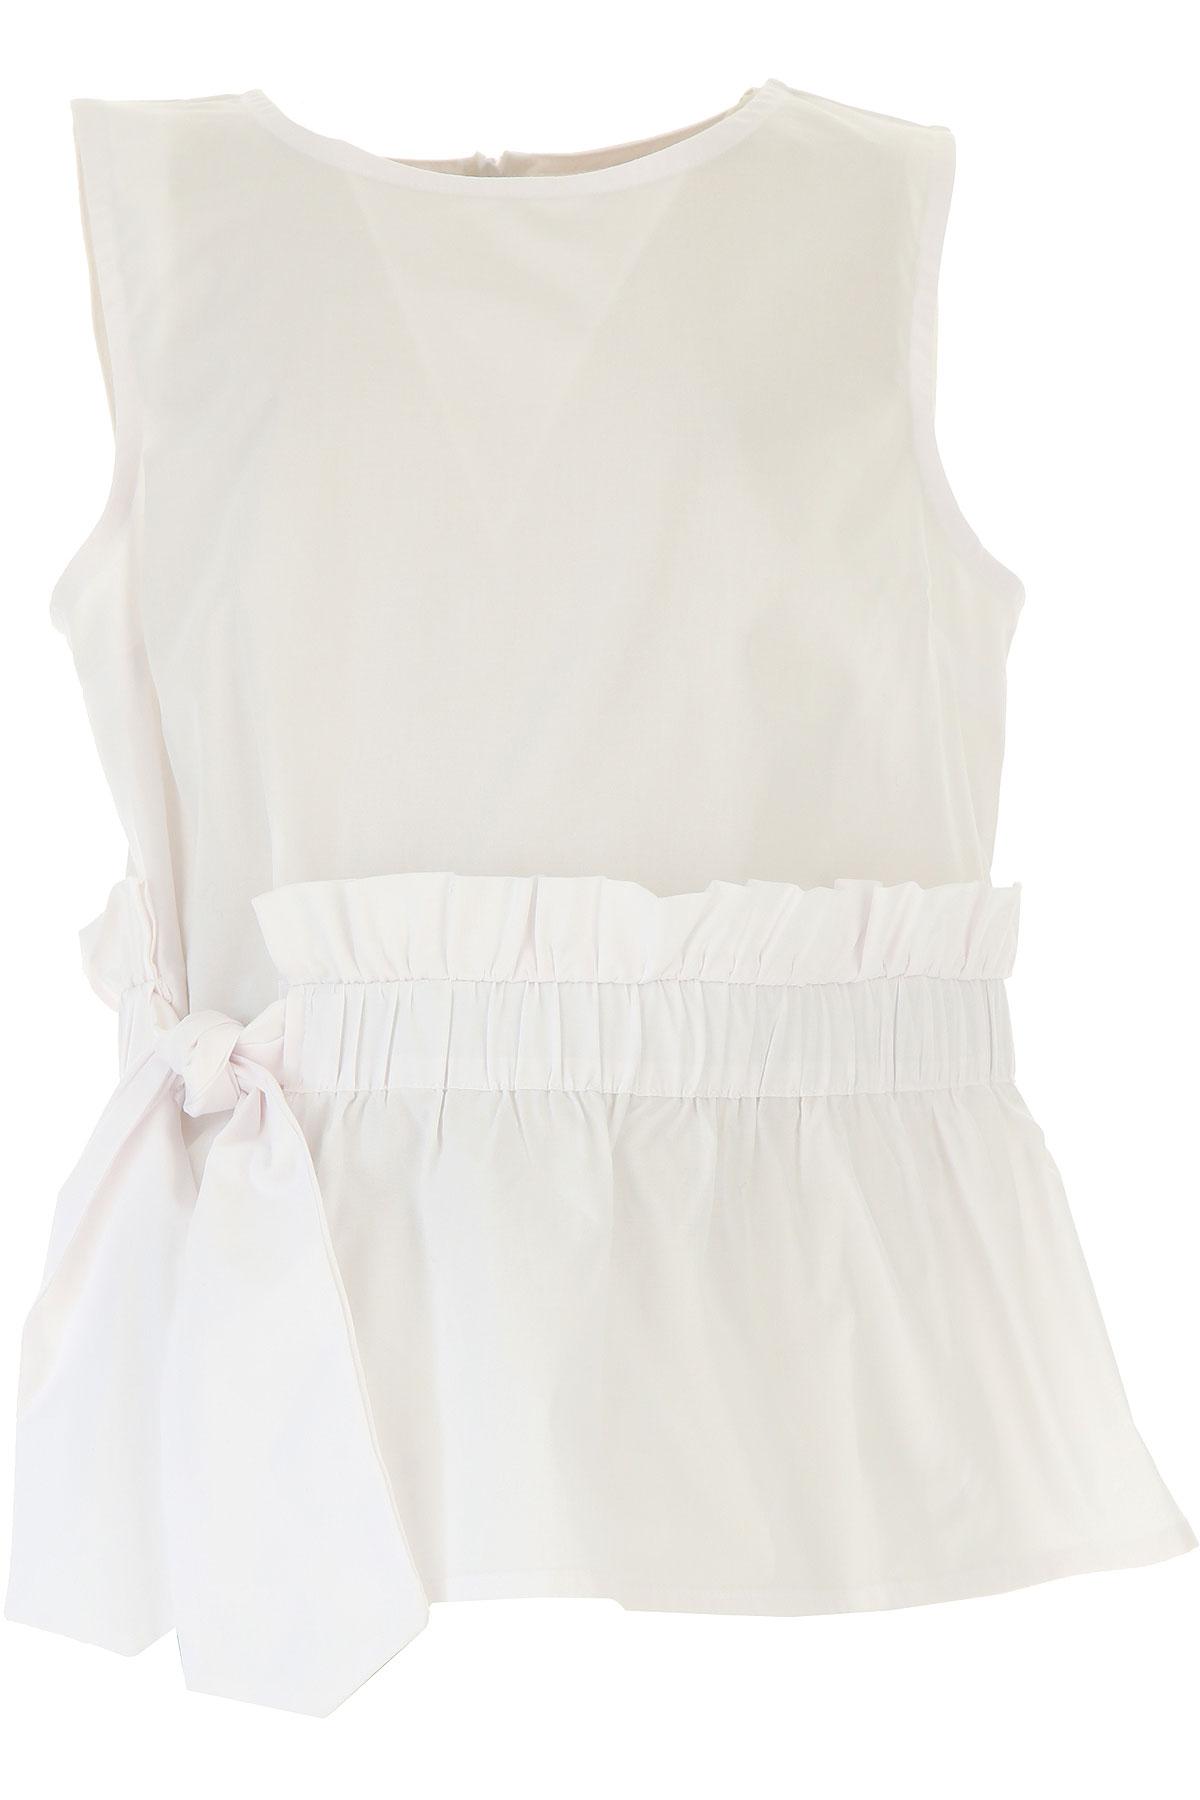 Dixie Chemises Enfant pour Fille, Blanc, Coton, 2017, L (12 Y) XL (14 Y) XXL (16 Y)